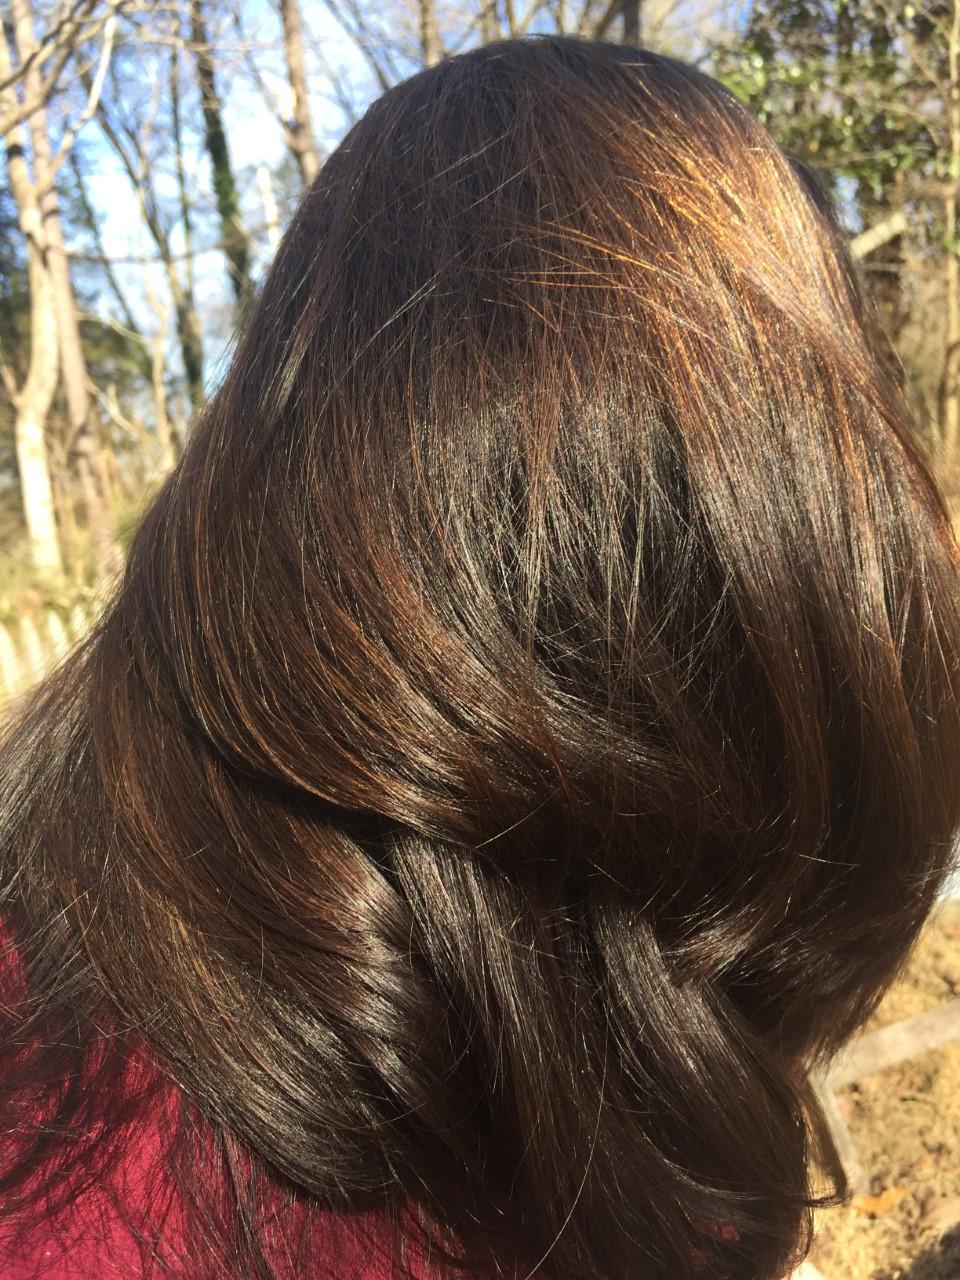 shiny hair 3.jpg